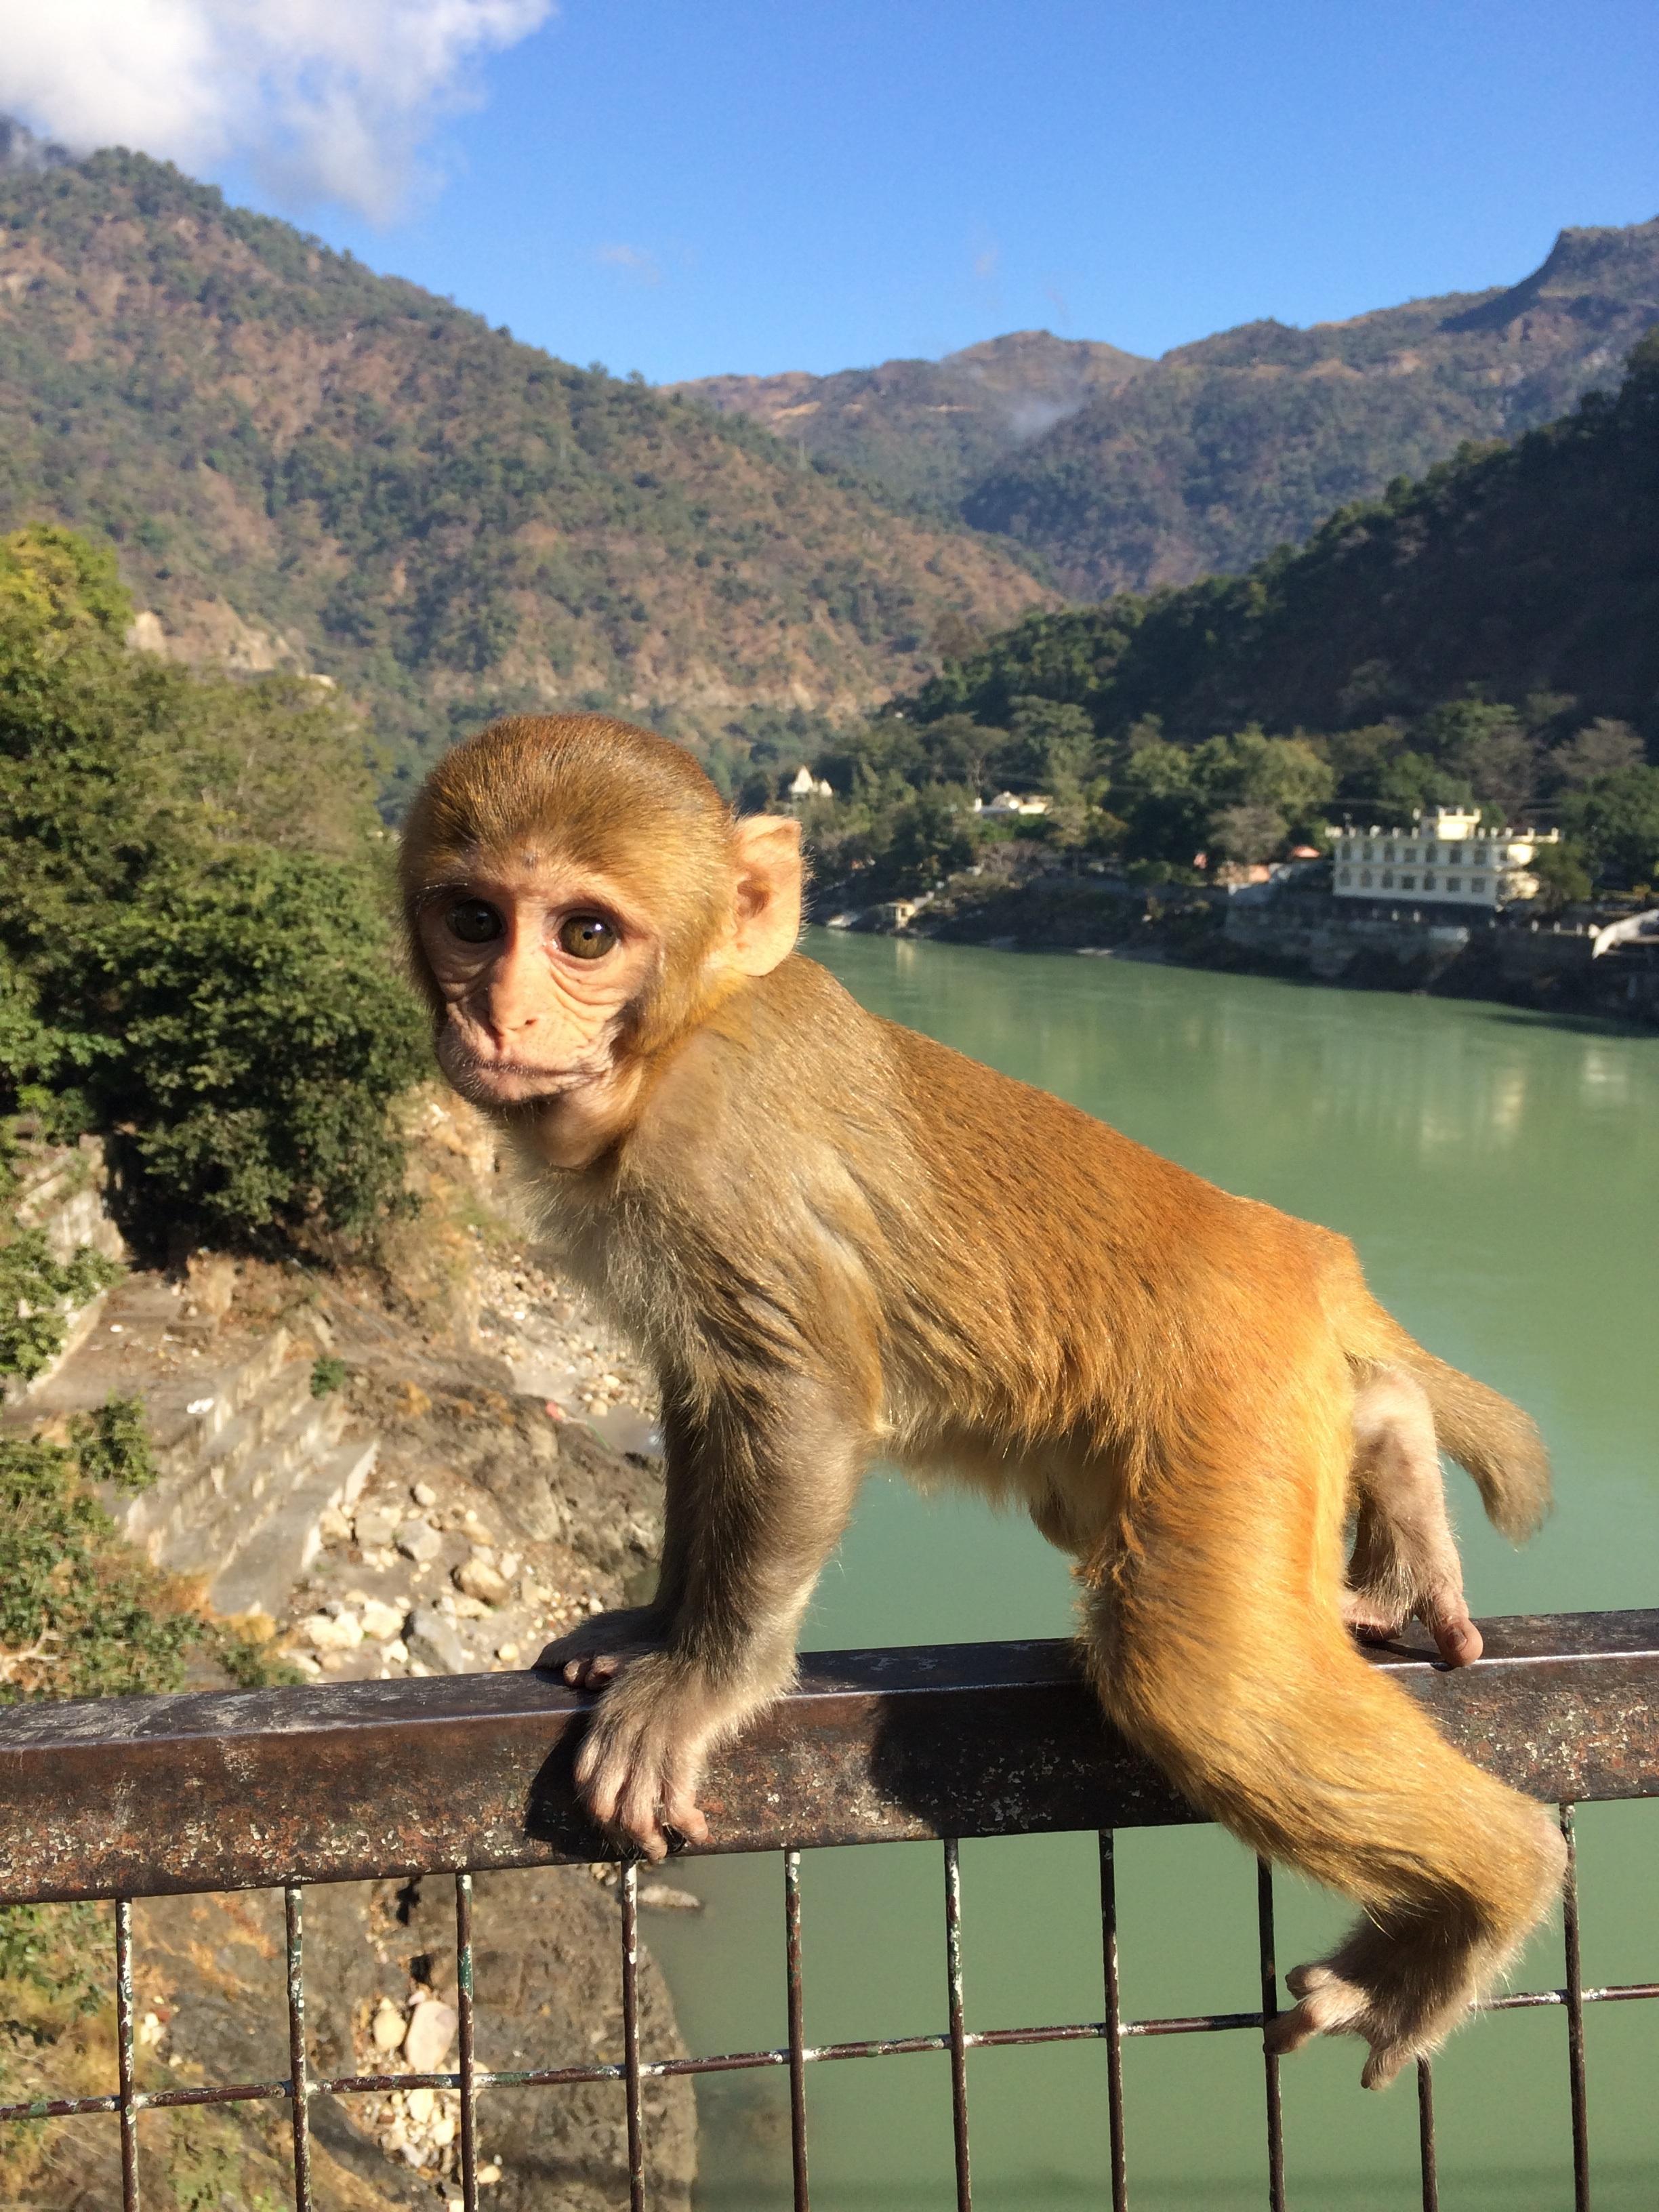 hình ảnh : dễ thương, Động vật hoang dã, vườn bách thú, Động vật có vú, con khỉ, Động vật, Linh trưởng, Động vật có xương sống, Ấn Độ, Khỉ khổng lồ, ...